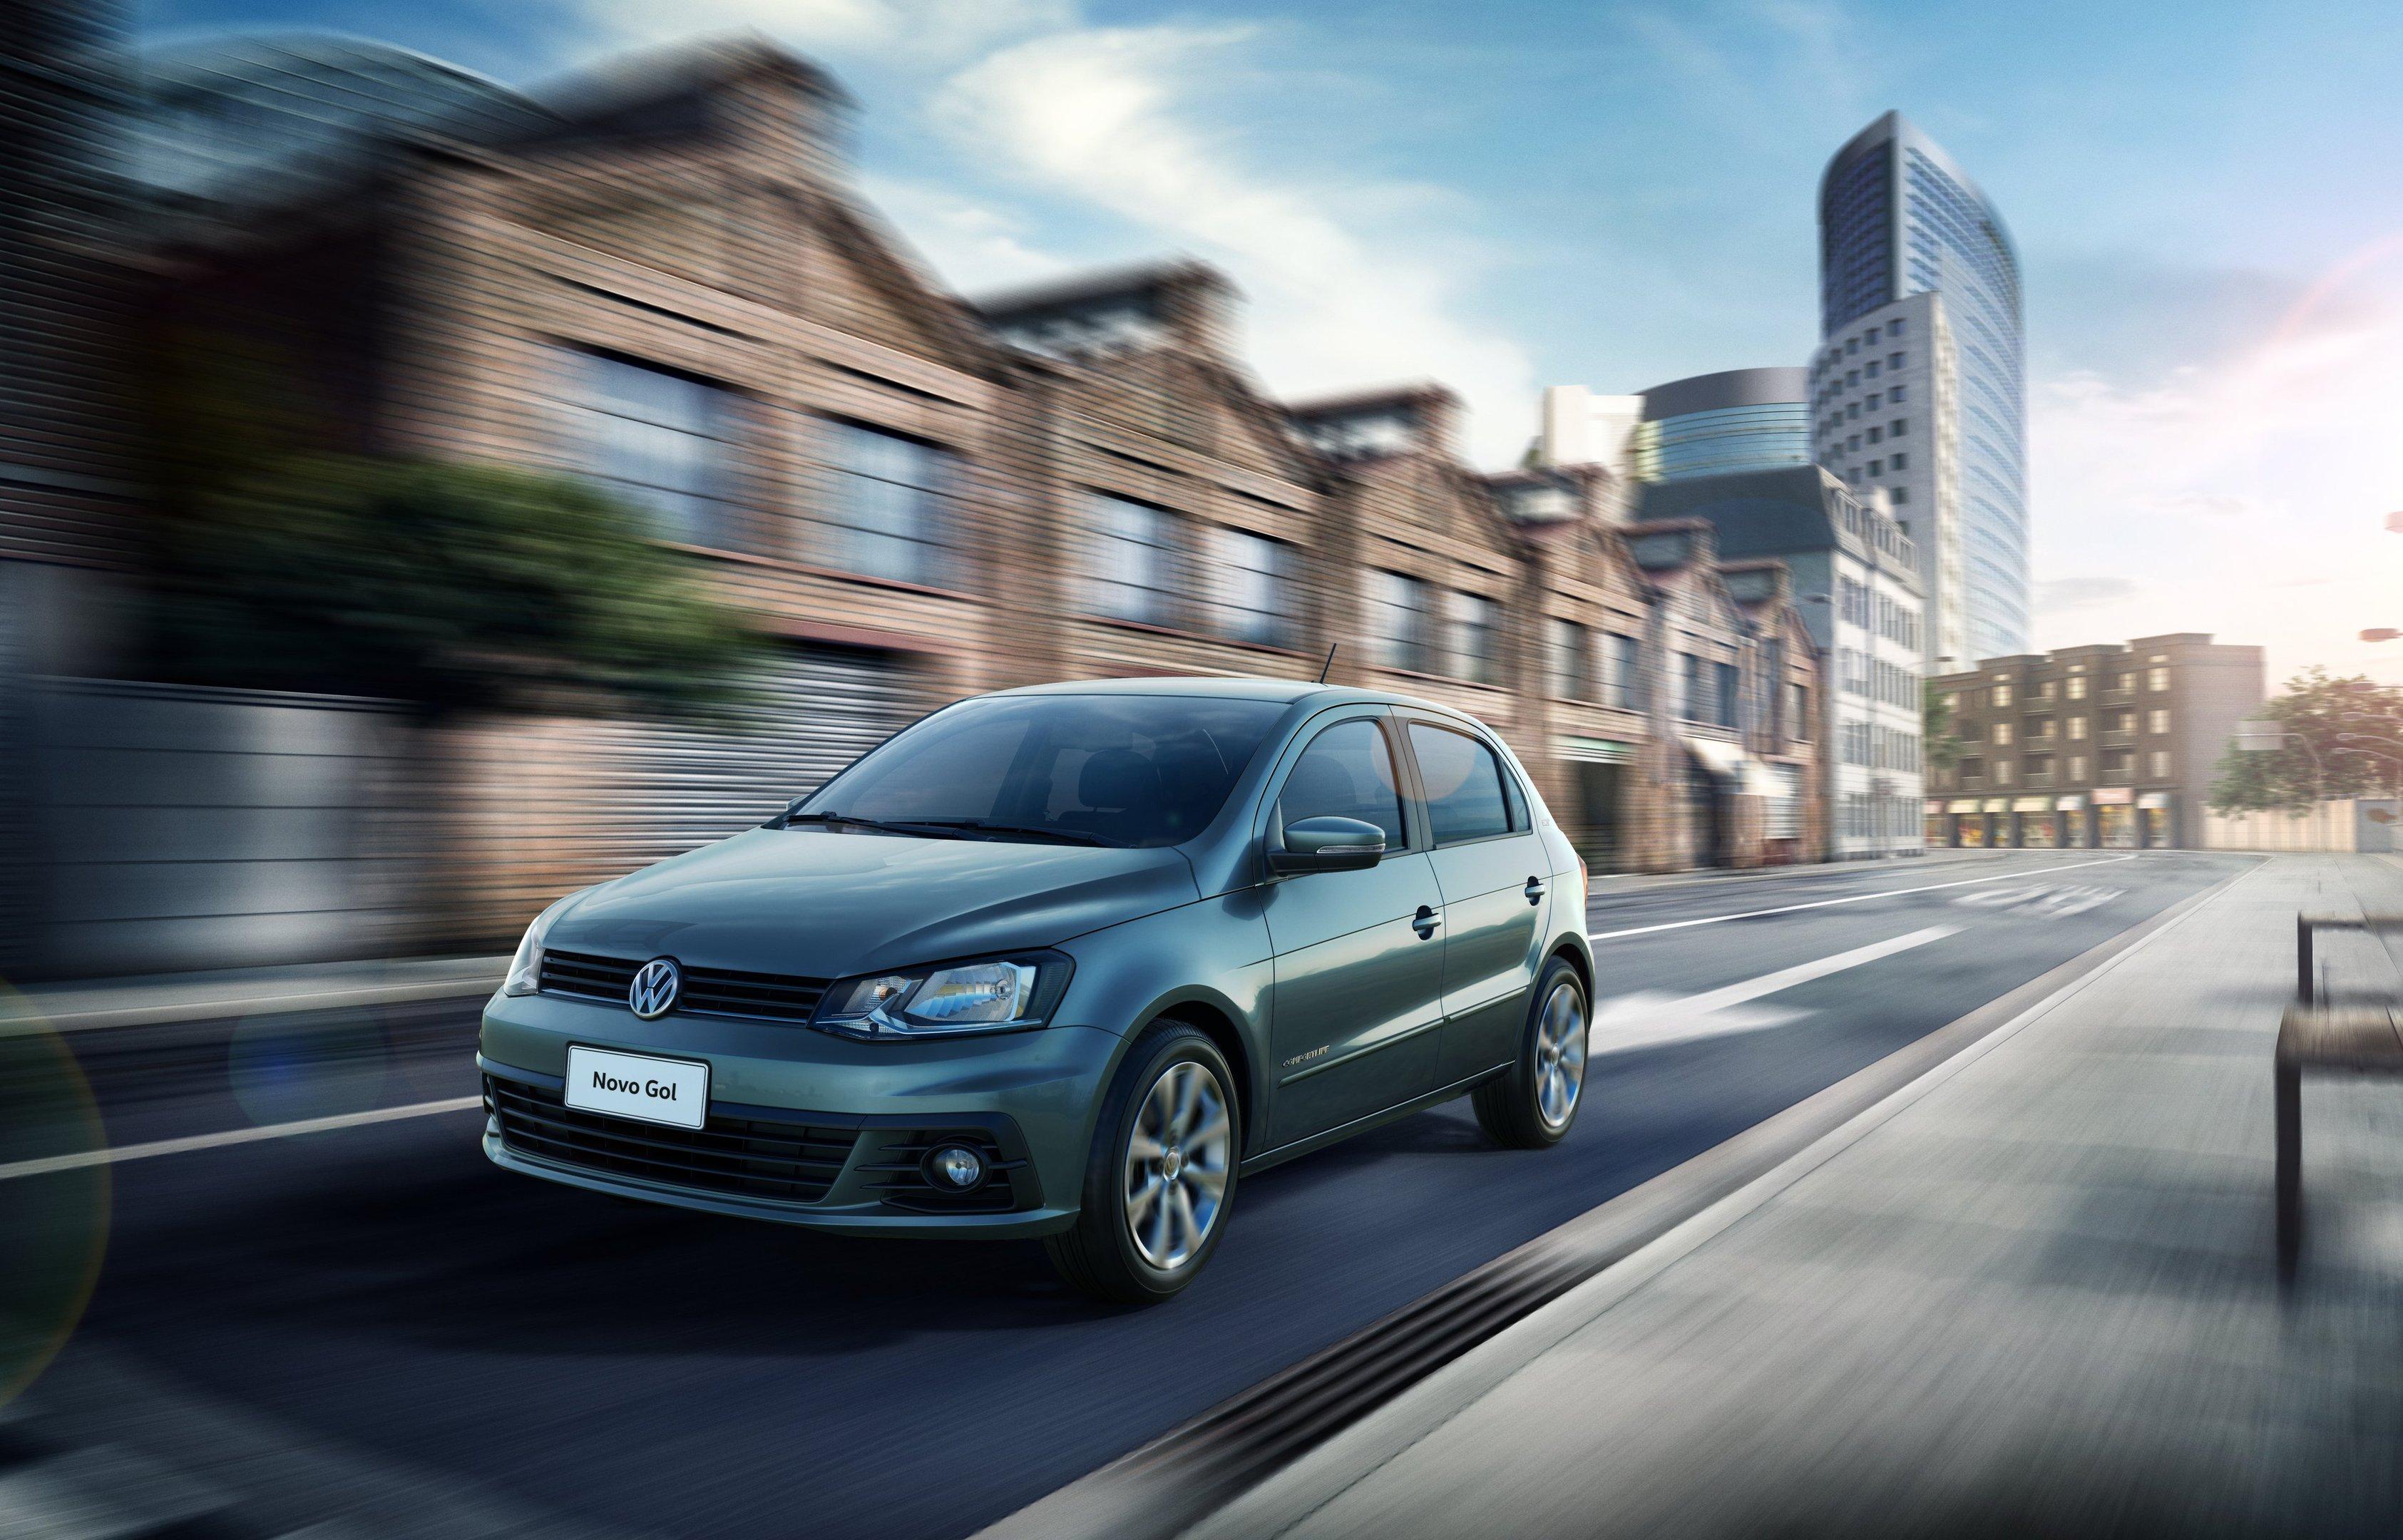 Volkswagen Gol 1.0 Trendline 2 portas